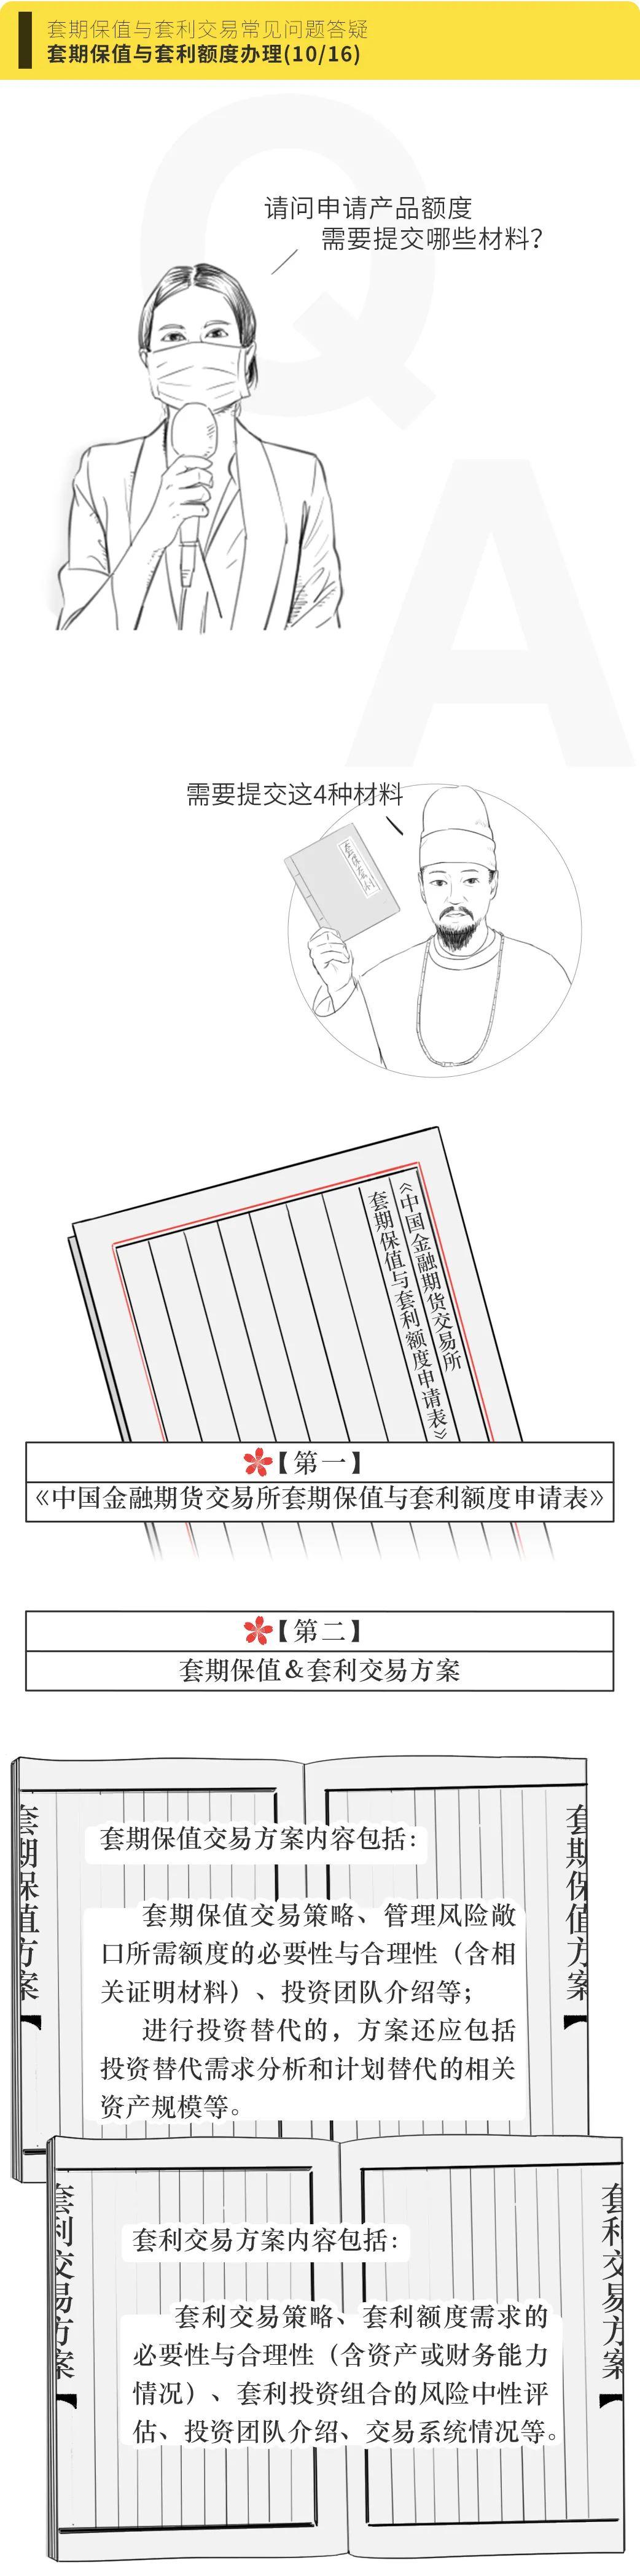 漫话规则 |(十)申请产品额度需要提交哪些材料?